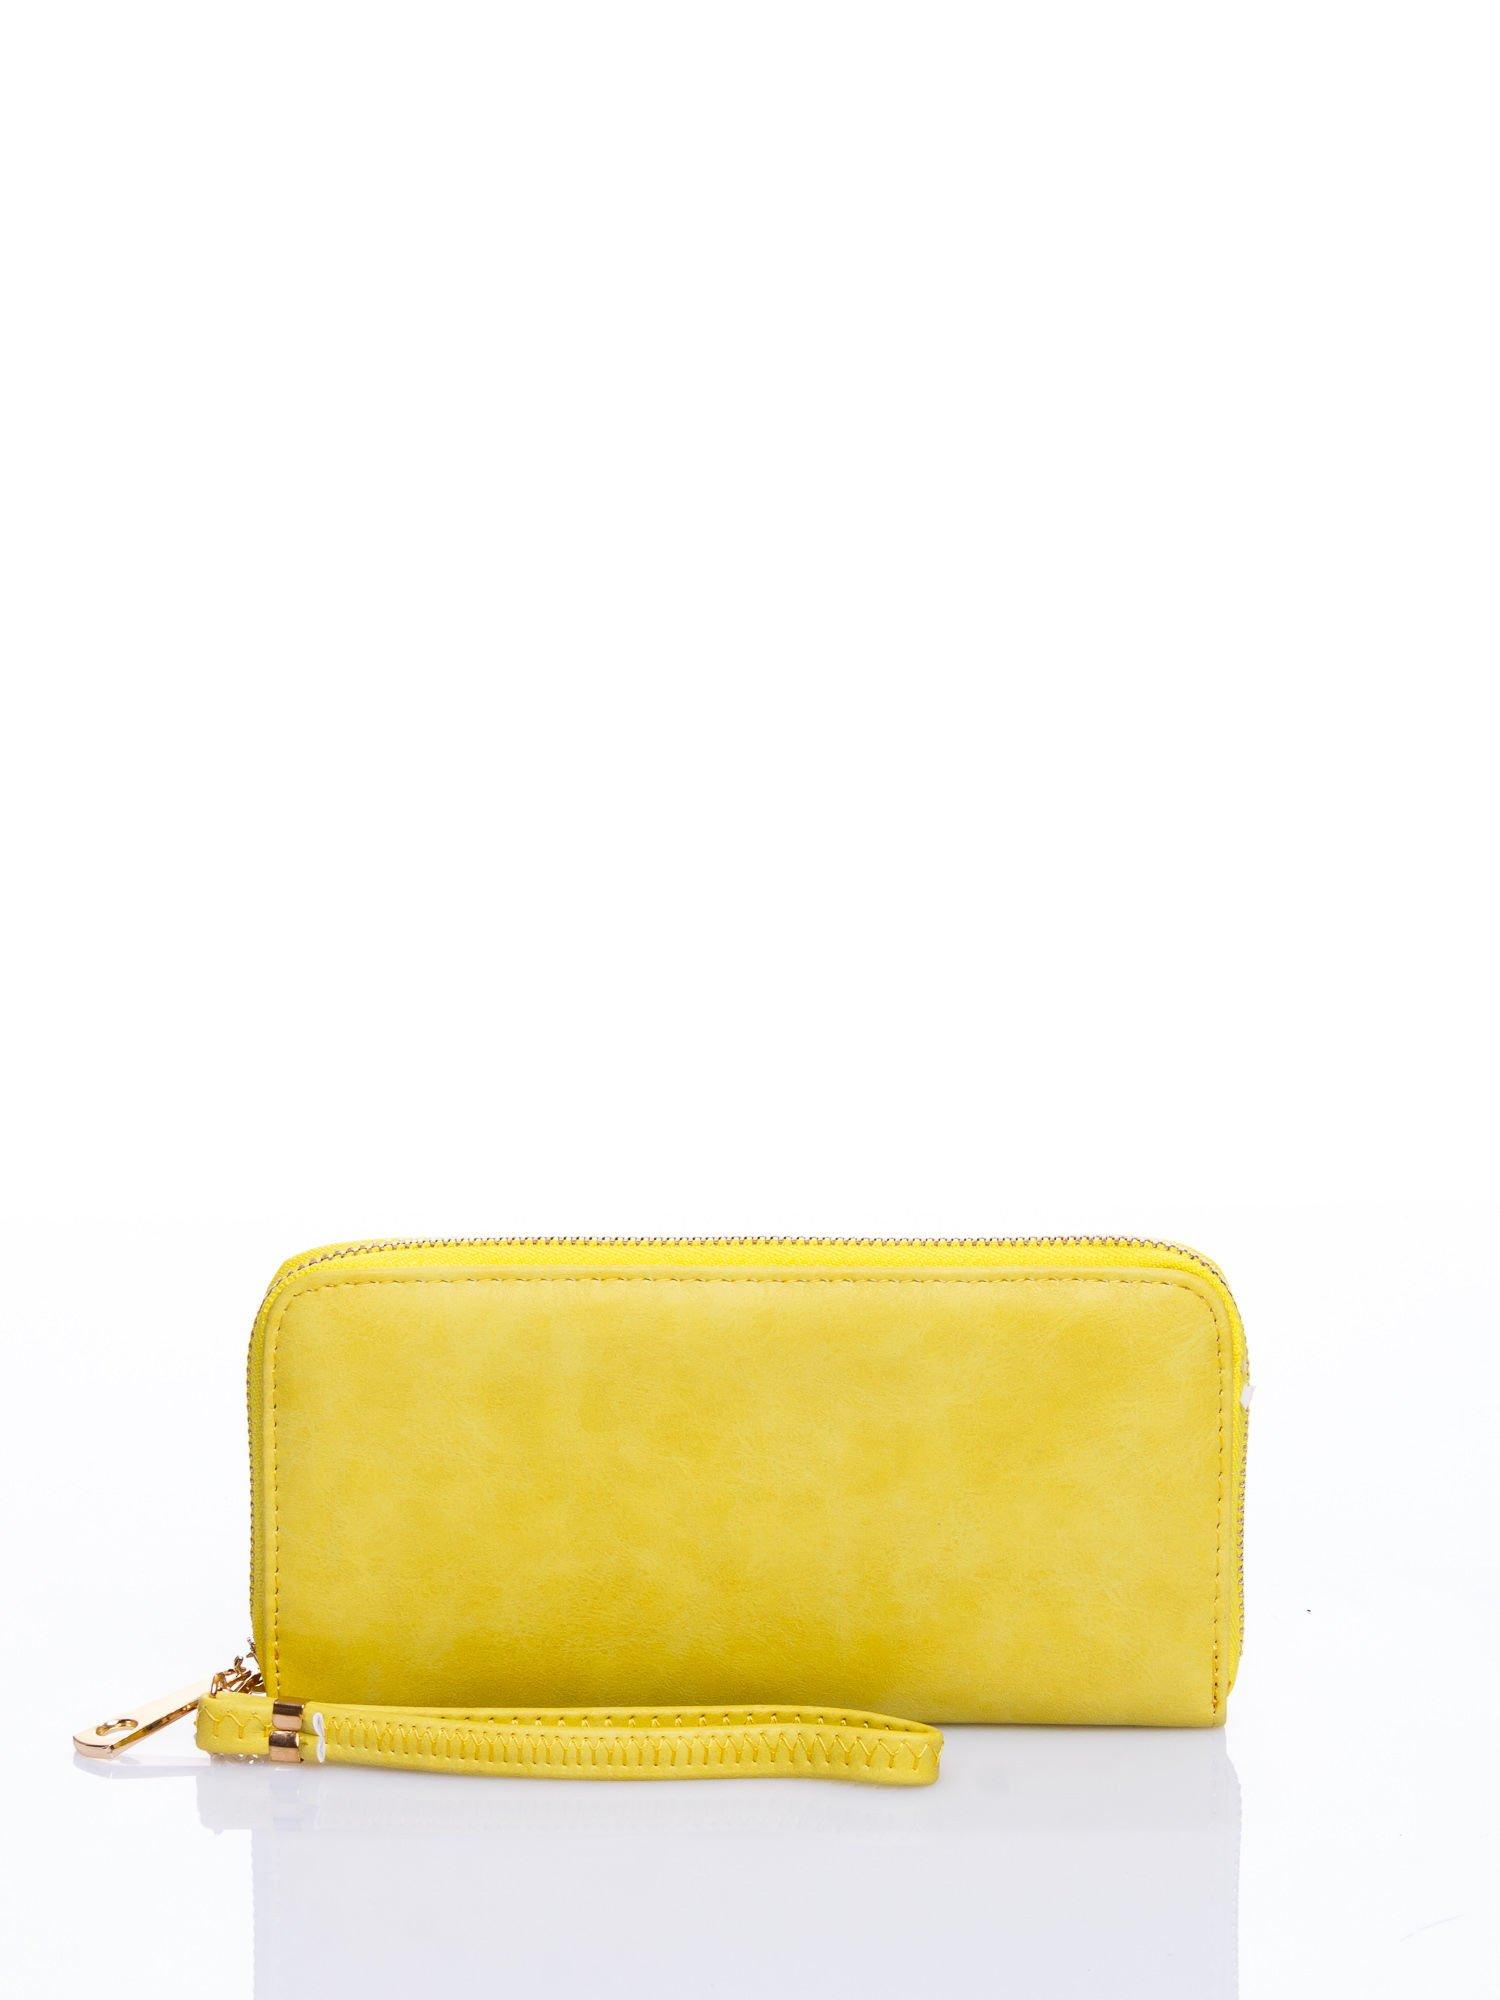 Żółty portfel z rączką                                  zdj.                                  1